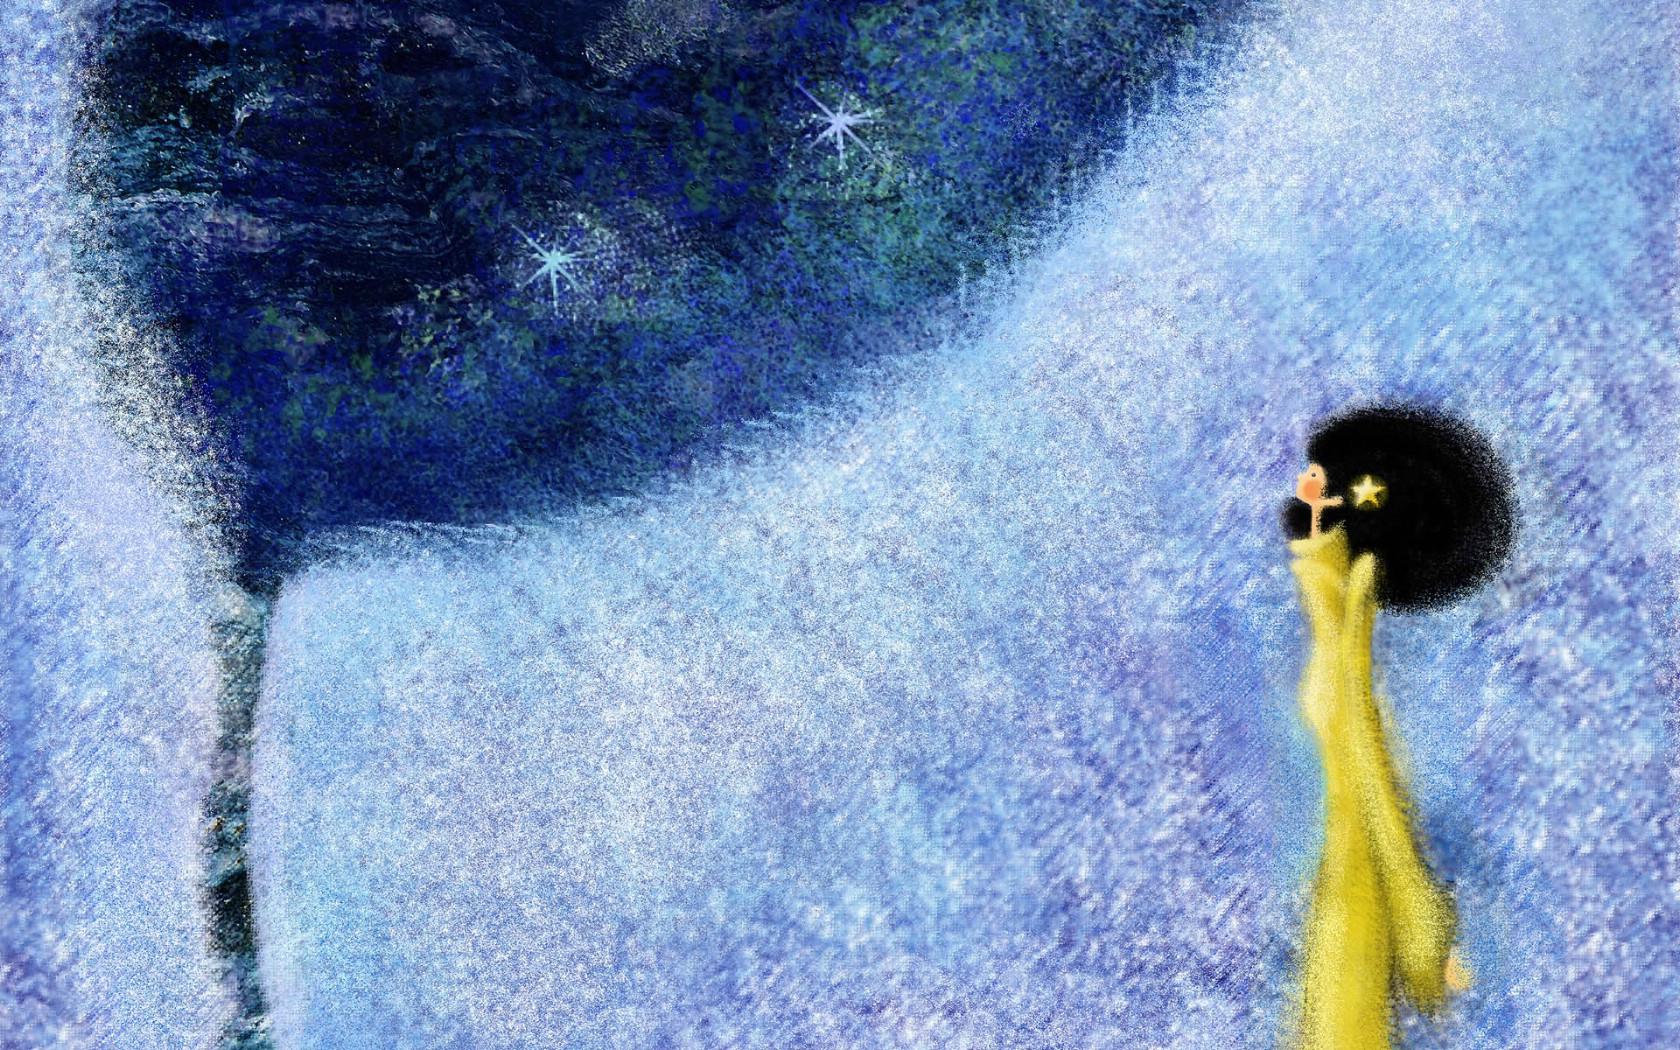 壁纸1680×1050手绘浪漫女孩 壁纸24壁纸 手绘浪漫女孩壁纸图片绘画壁纸绘画图片素材桌面壁纸